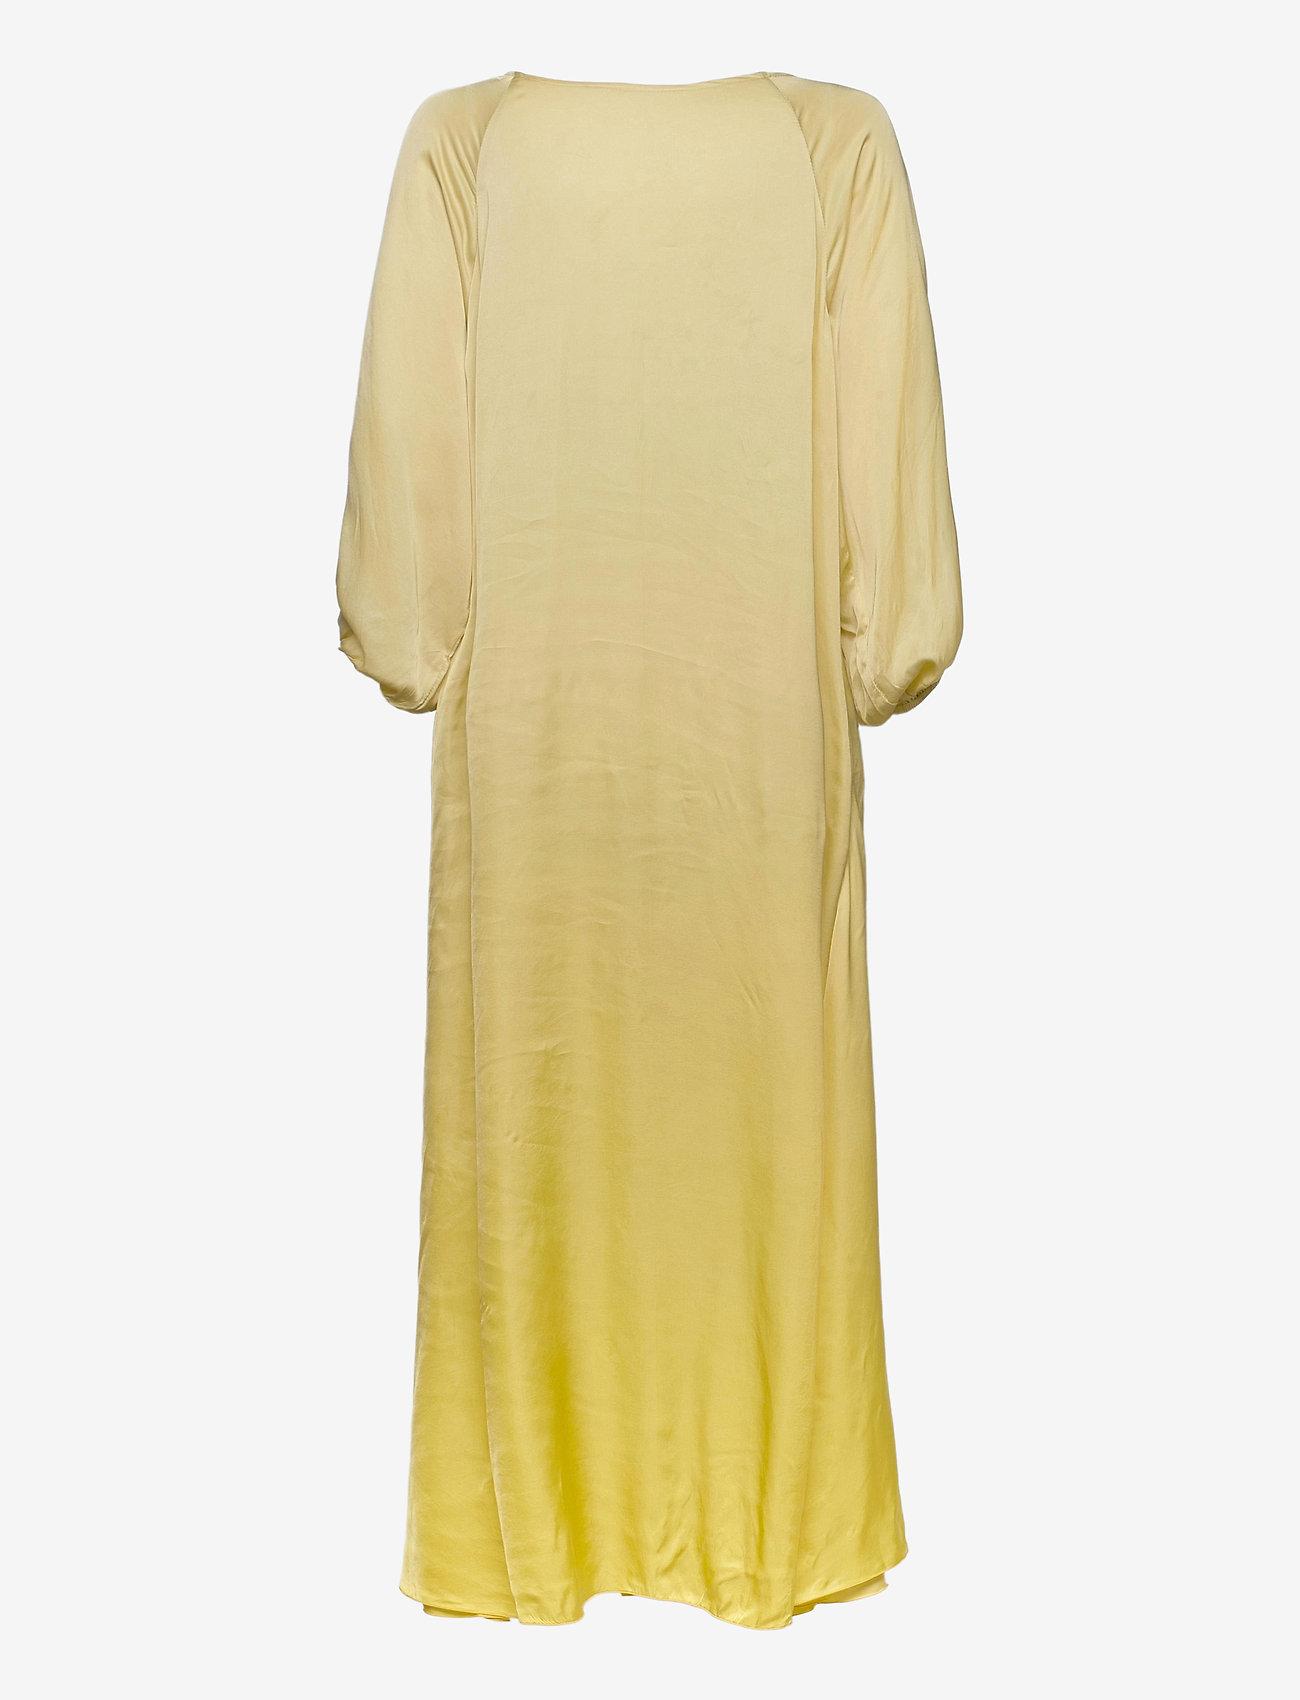 Hanin (Yellow) (280.80 €) - Rabens Saloner C0hEU